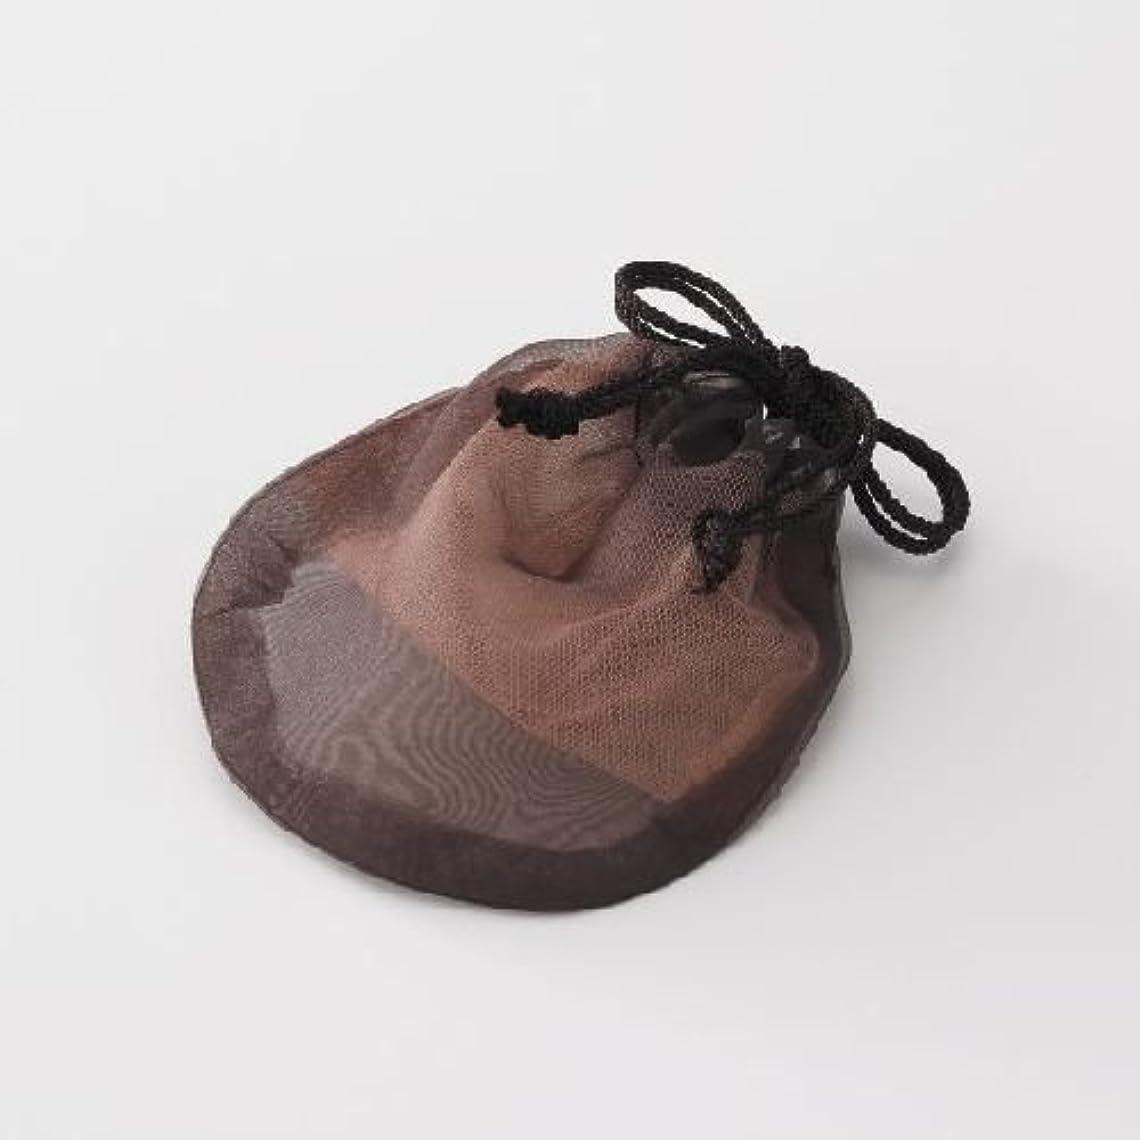 コック雰囲気ピギーバックス ソープネット 瞬時にマシュマロのようなお肌に負担をかけないキメ細かな泡をつくることができるオシャレなポーチ型オリジナル【泡だてネット】!衛生的に固形石鹸の保存もできます。